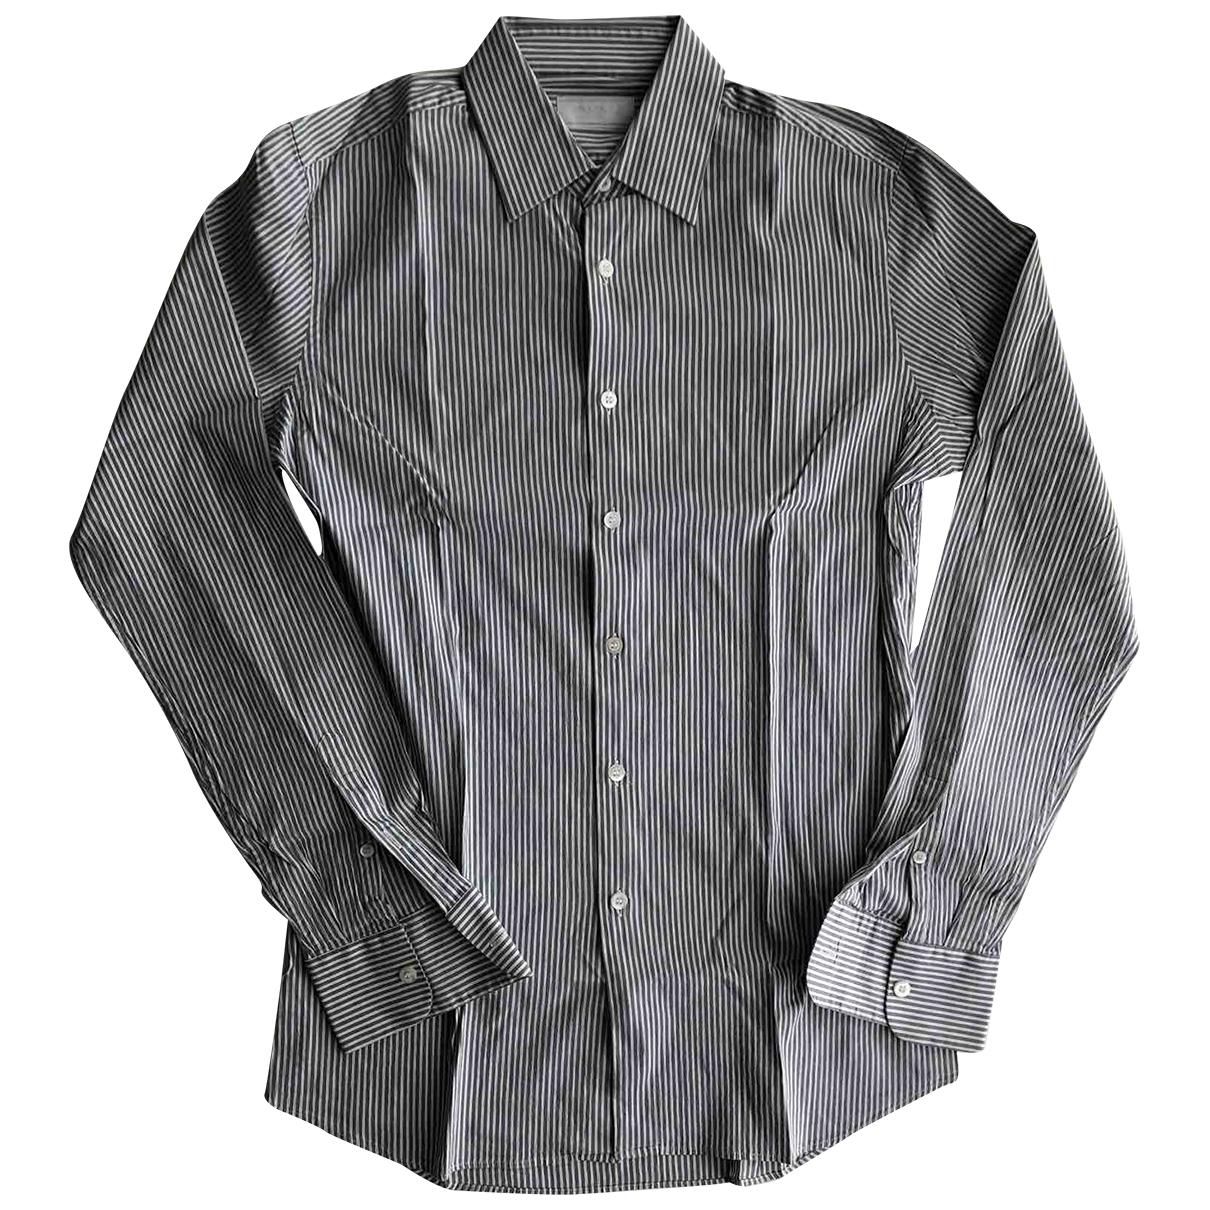 Prada \N Hemden in  Grau Baumwolle